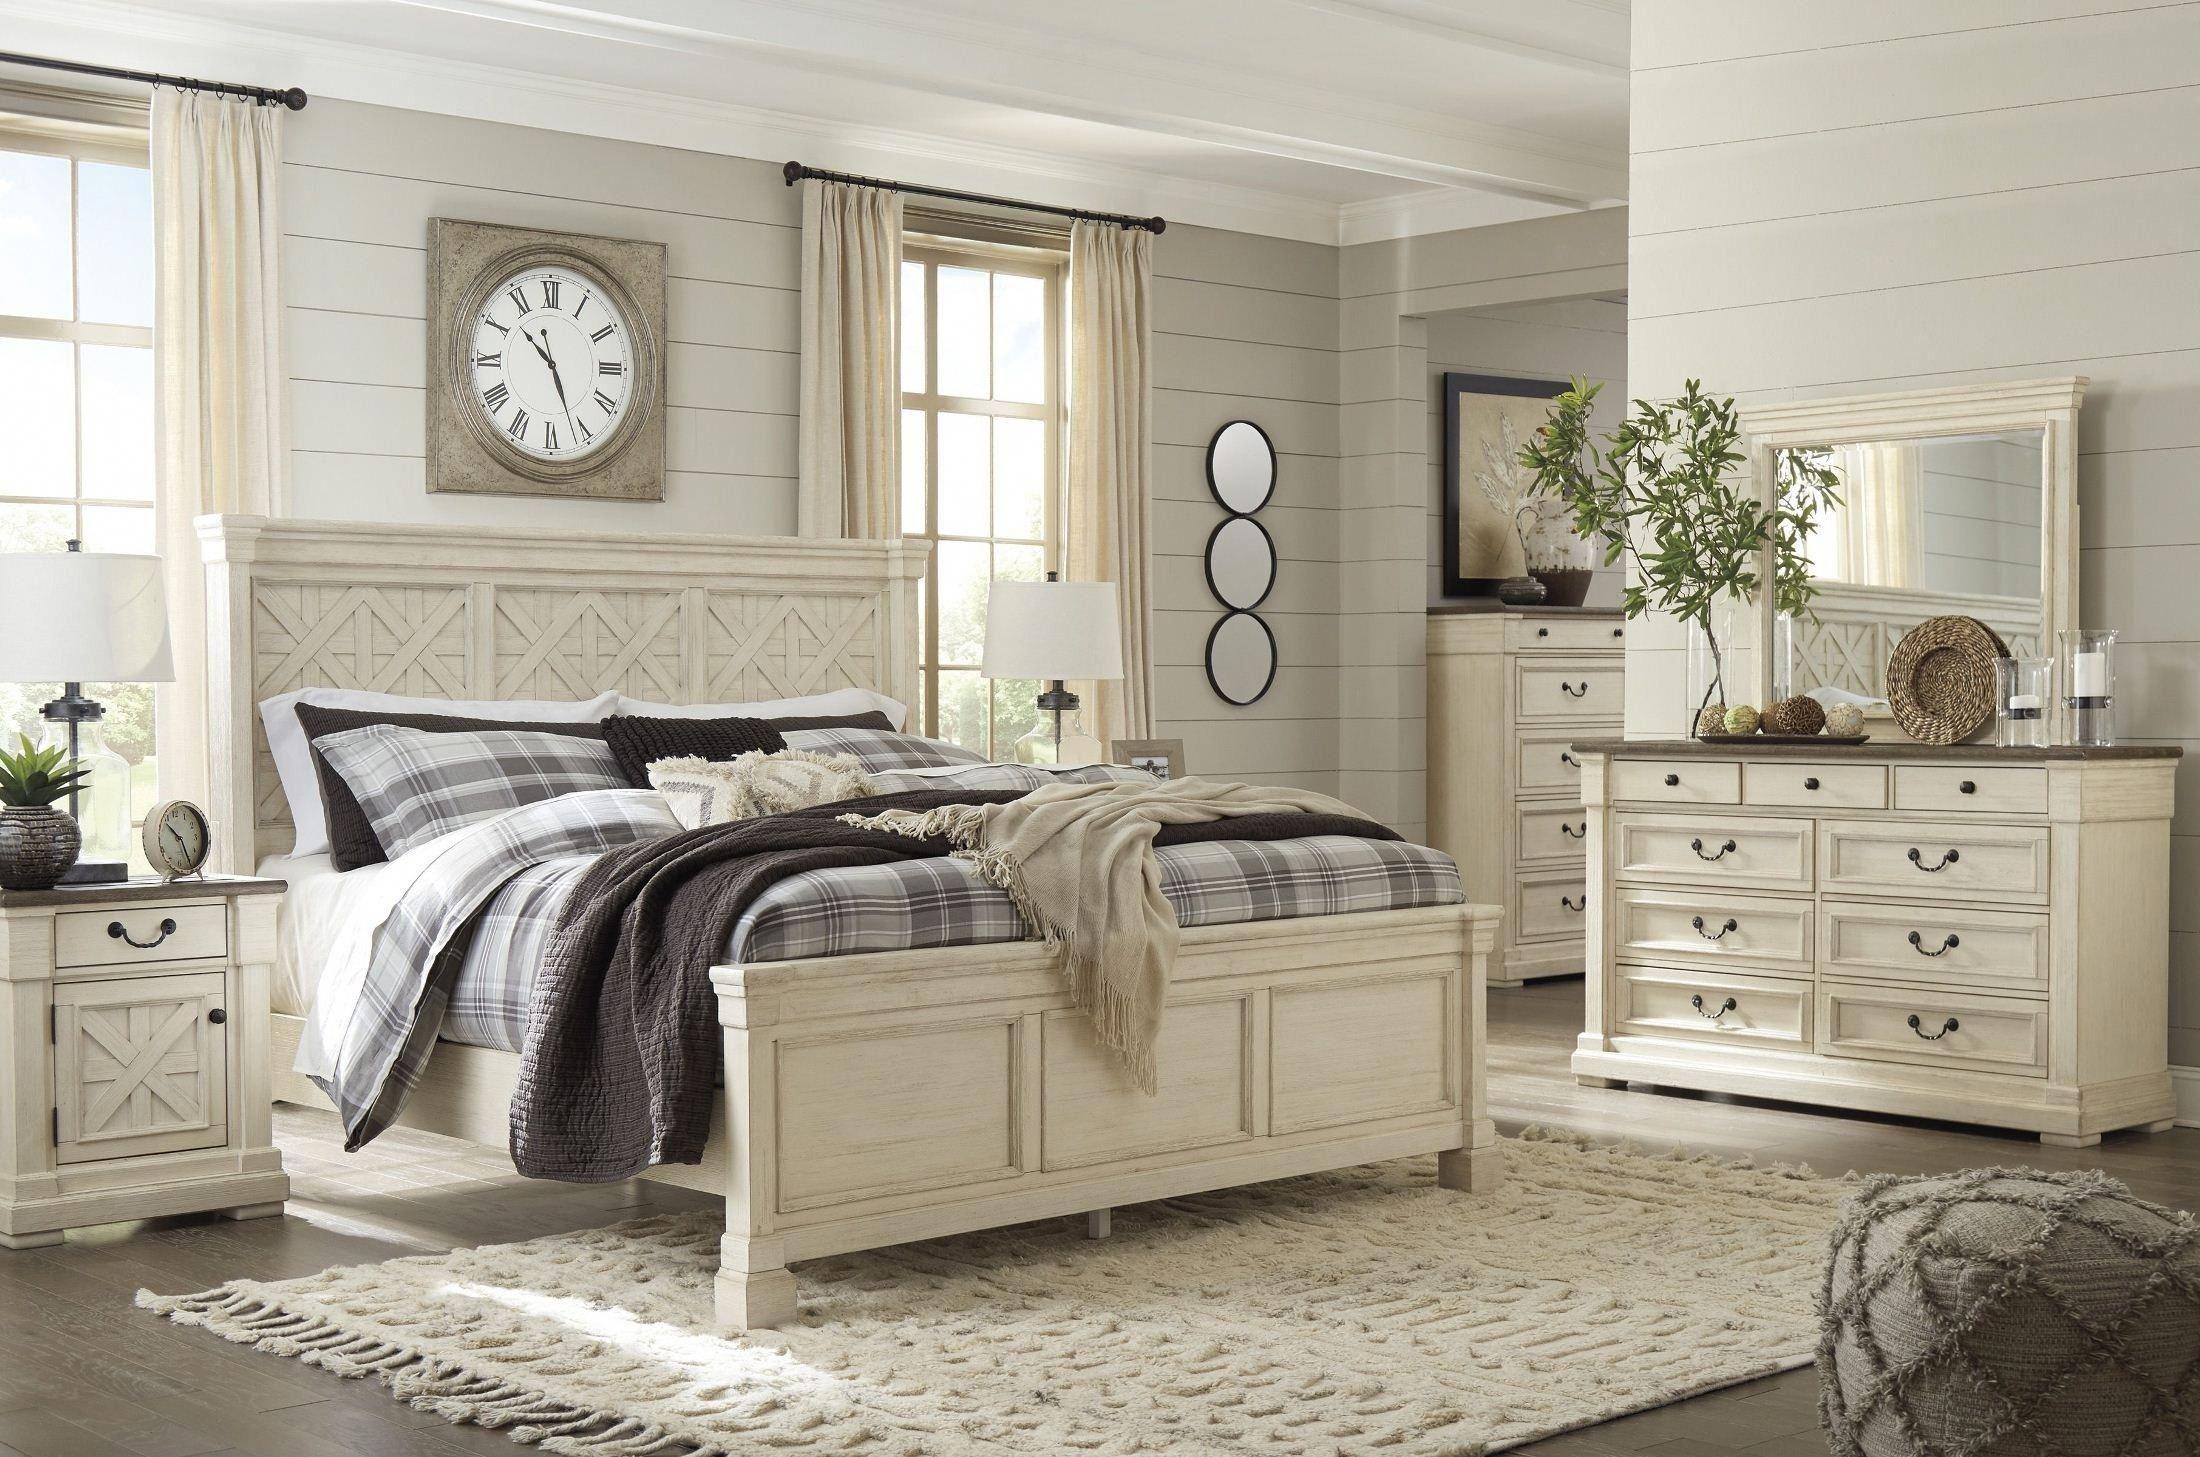 Bolanburg Two Tone Dresser 4 Bedroom furniture sets